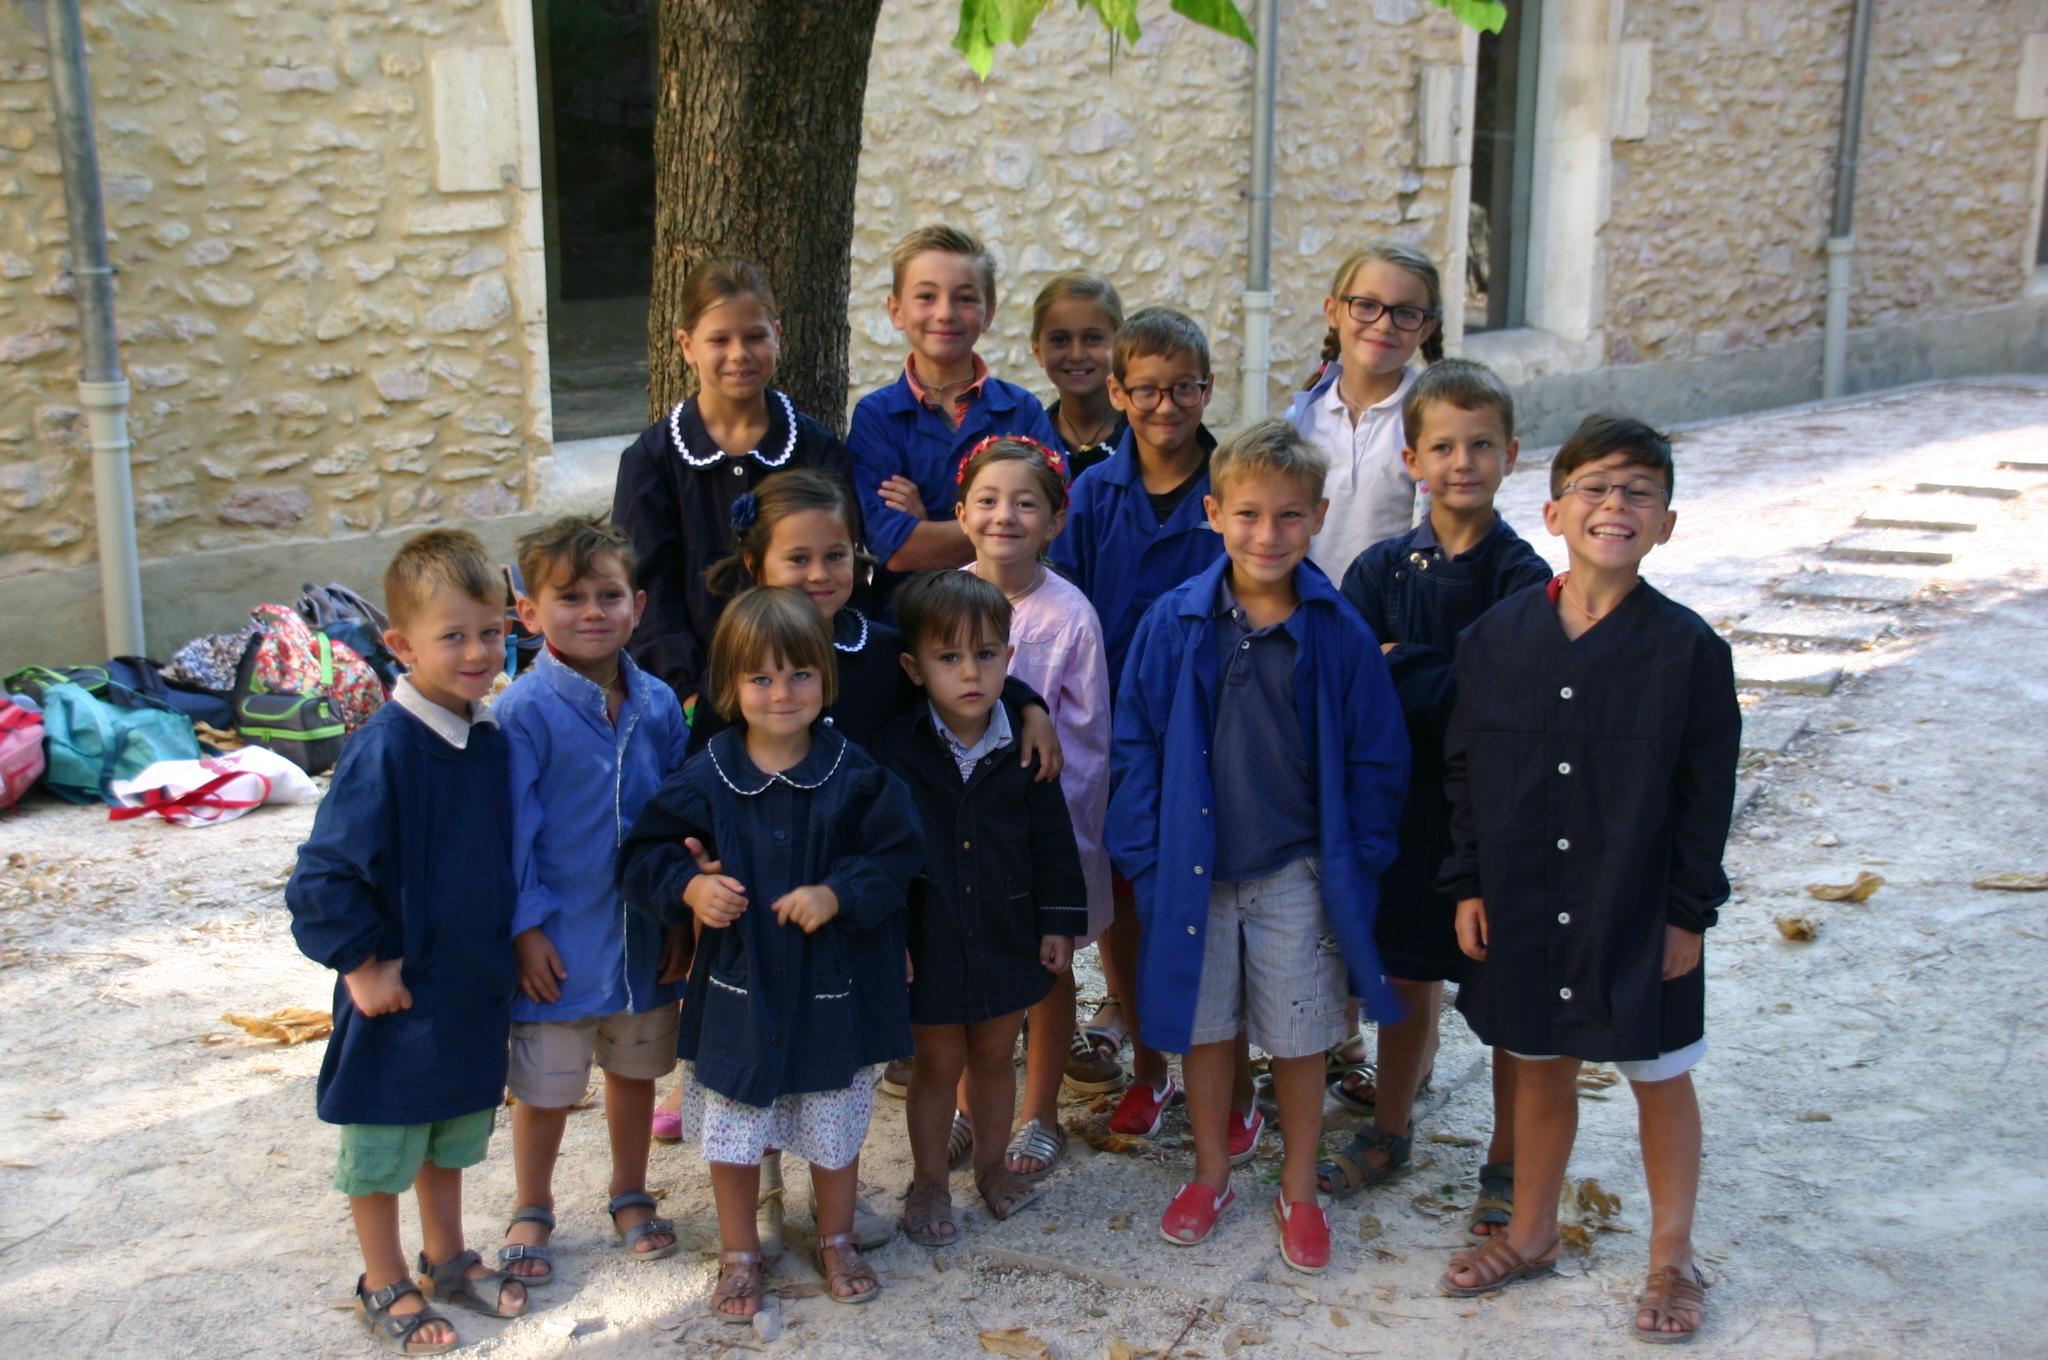 joyeux enfants de Frigolet!